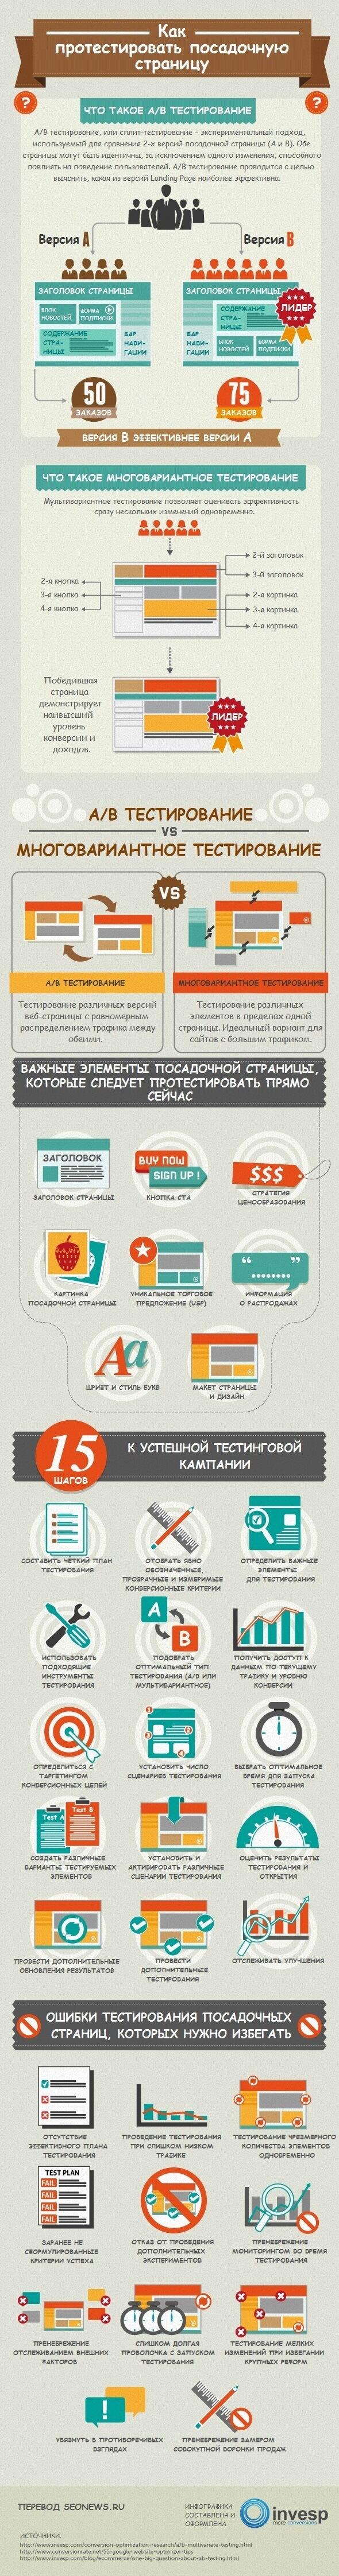 Инфографика: тестирование Landing Pages